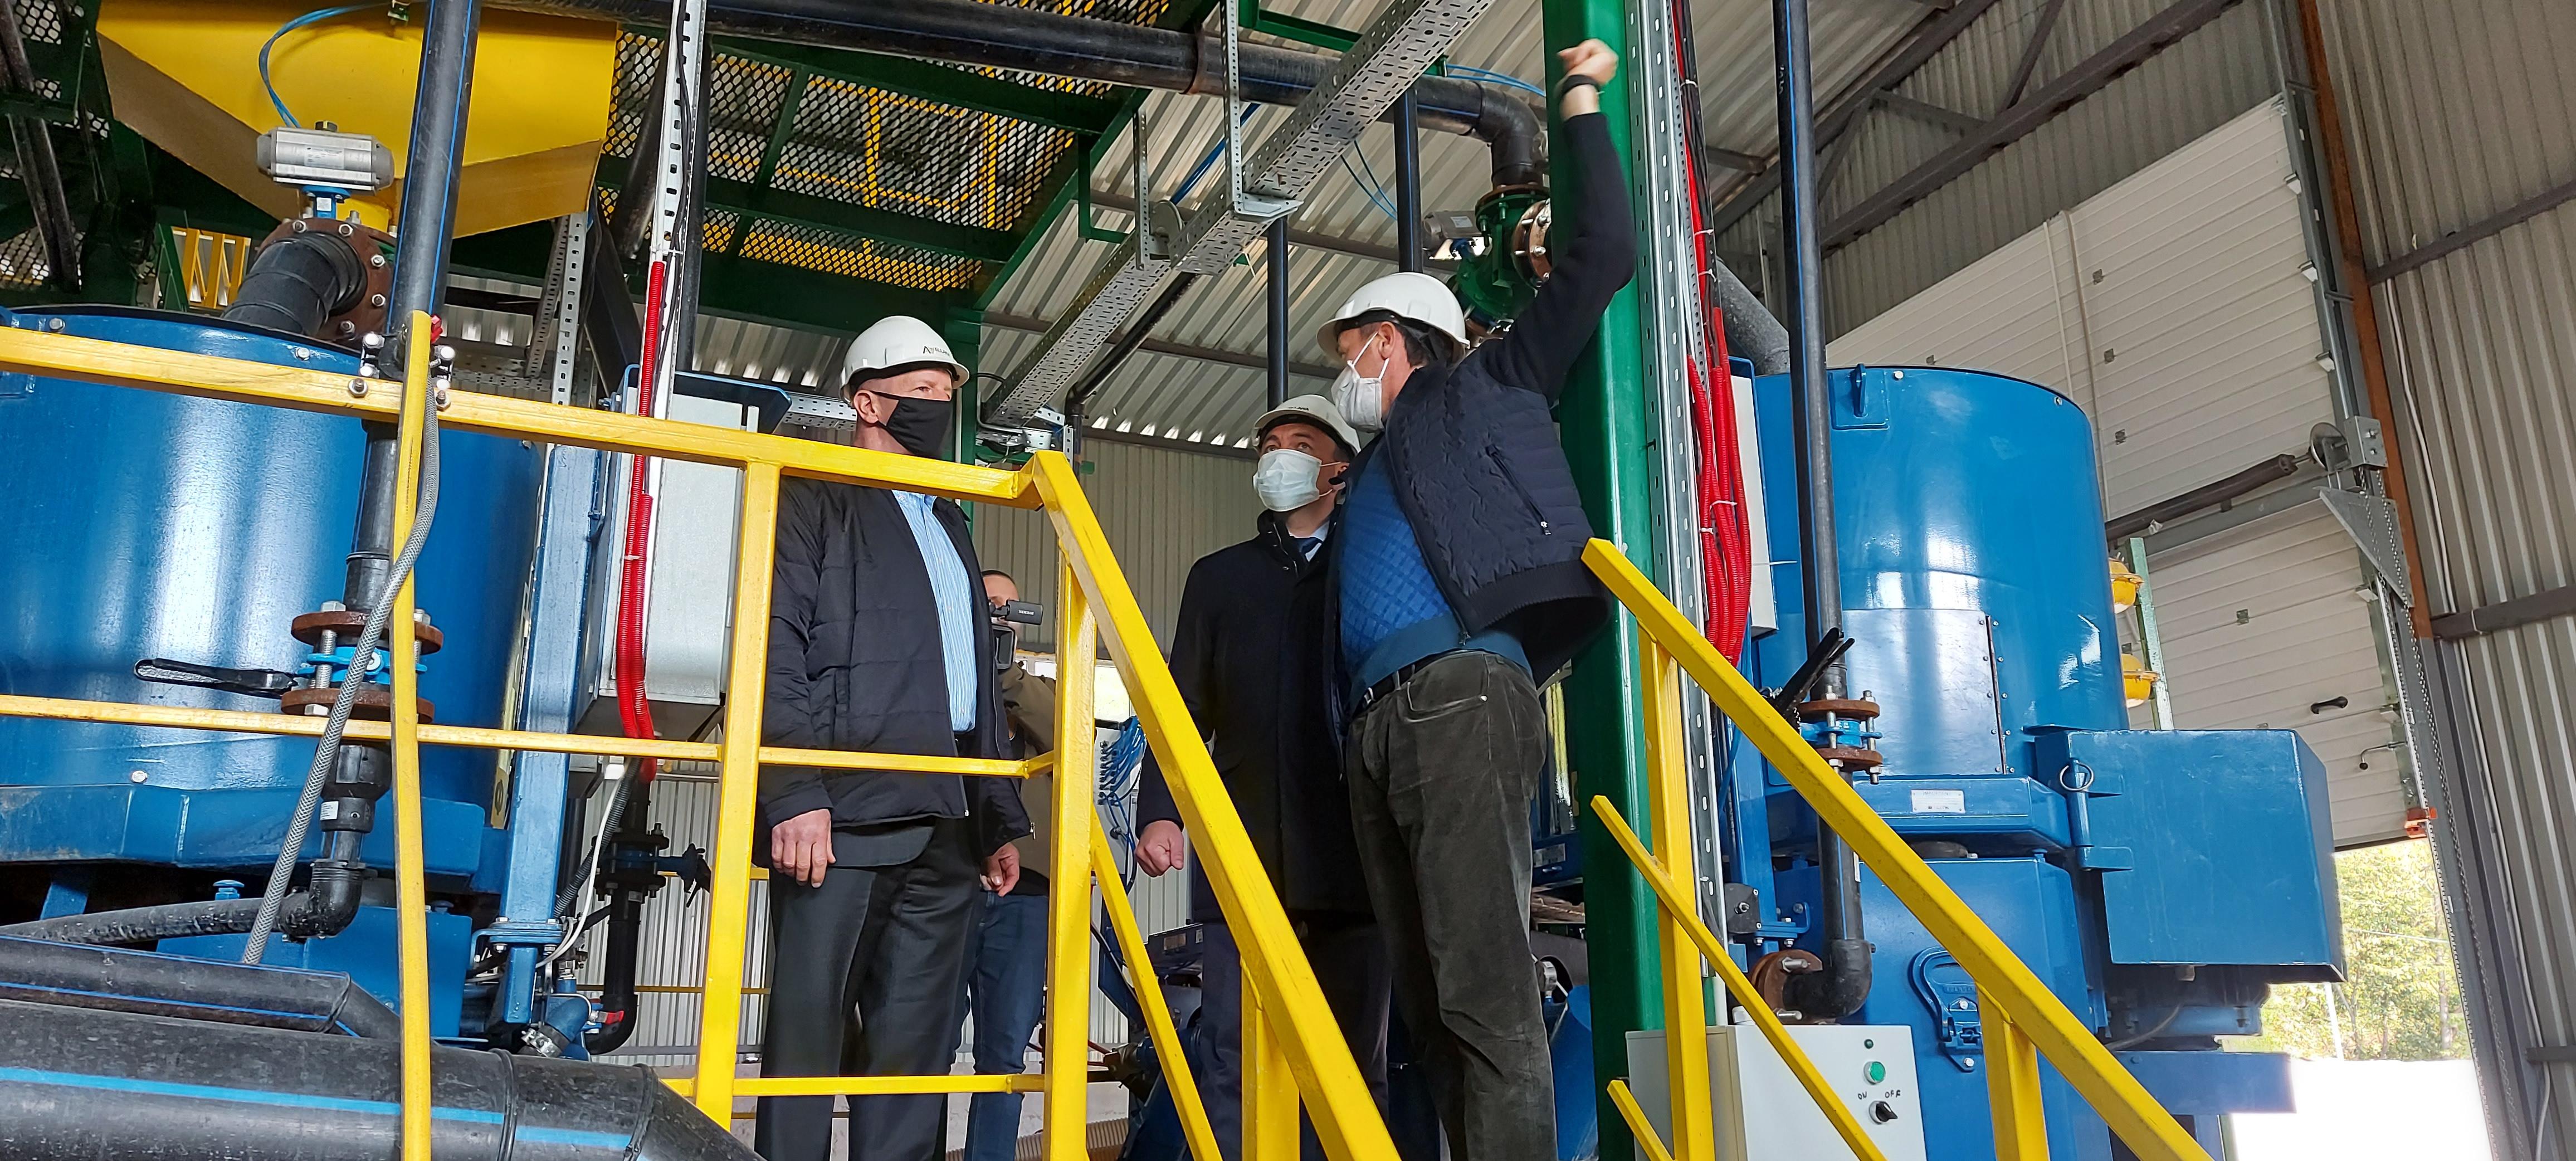 Україна повернула статус золотовидобувної країни. Запущено рудник після простою: фото